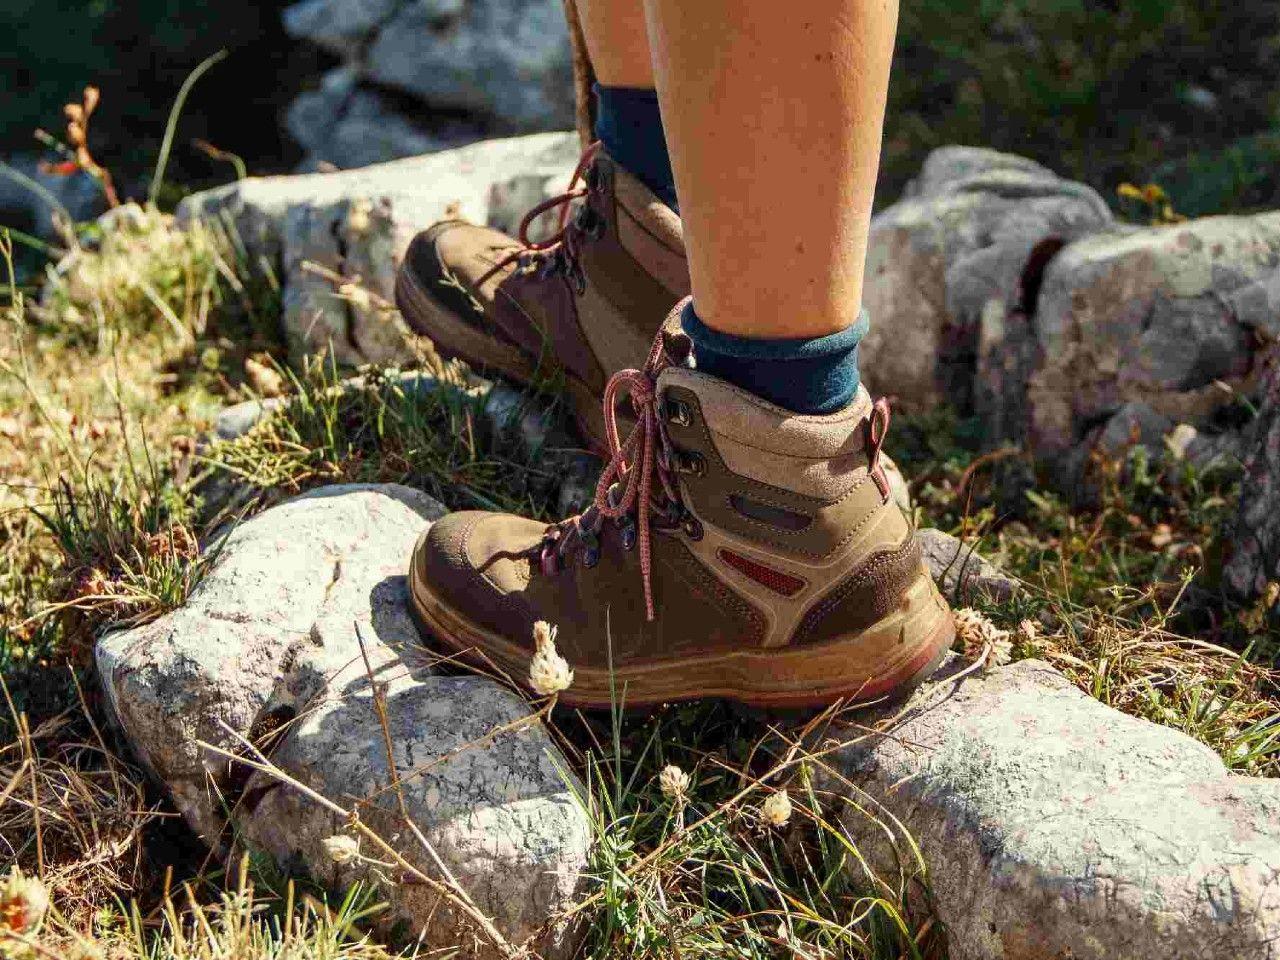 Dobre Buty Trekkingowe Czyli Wlasciwie Jakie Poza Domem